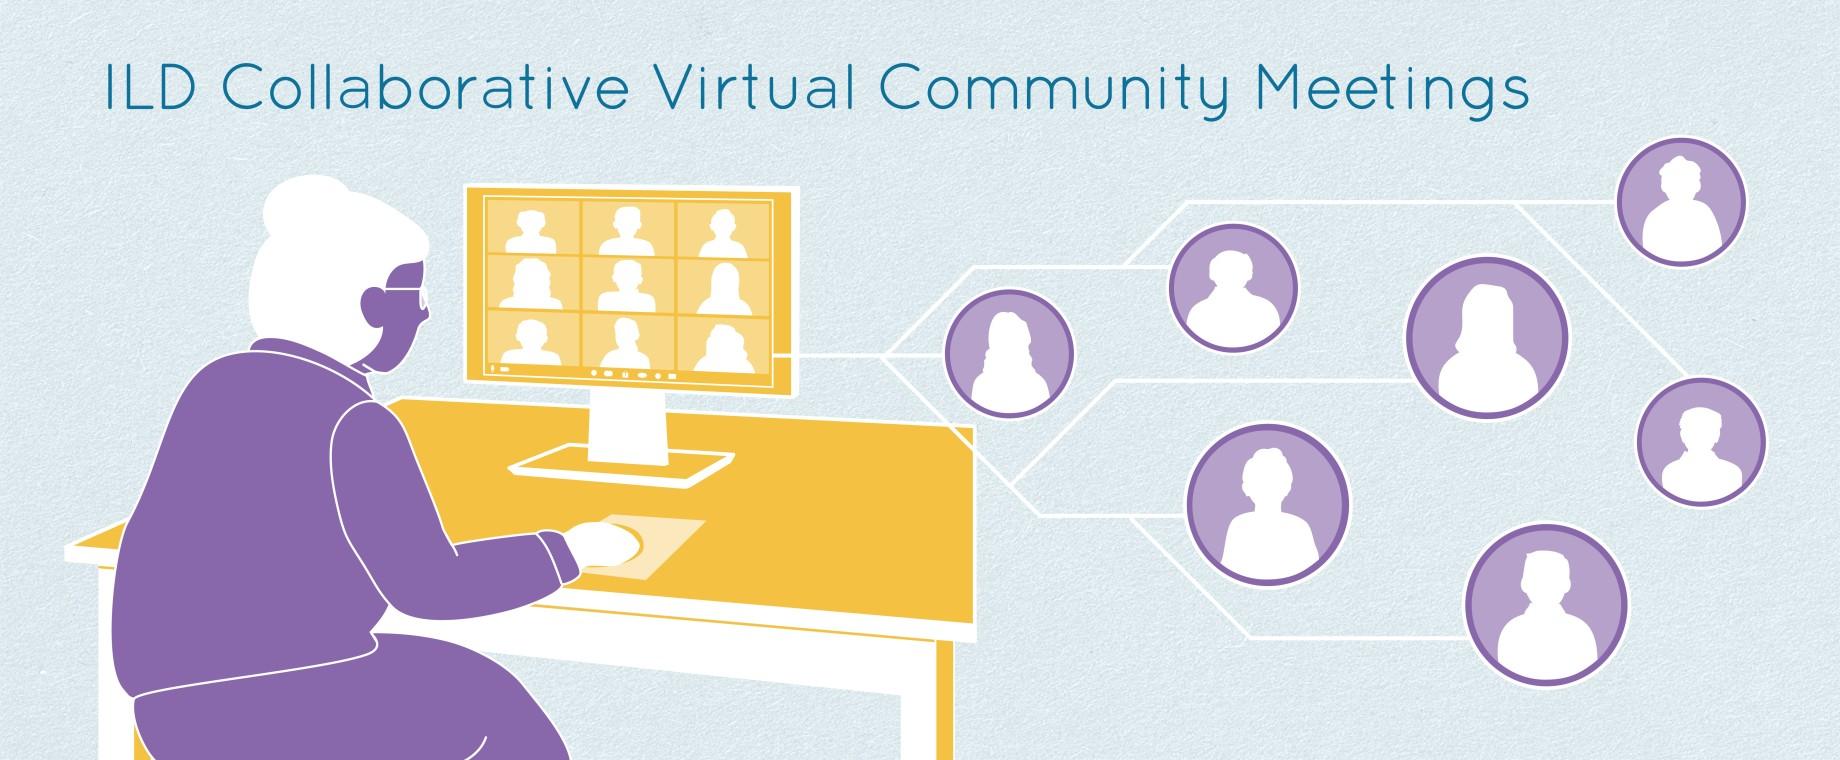 virtual-community-meetings_slide.jpg